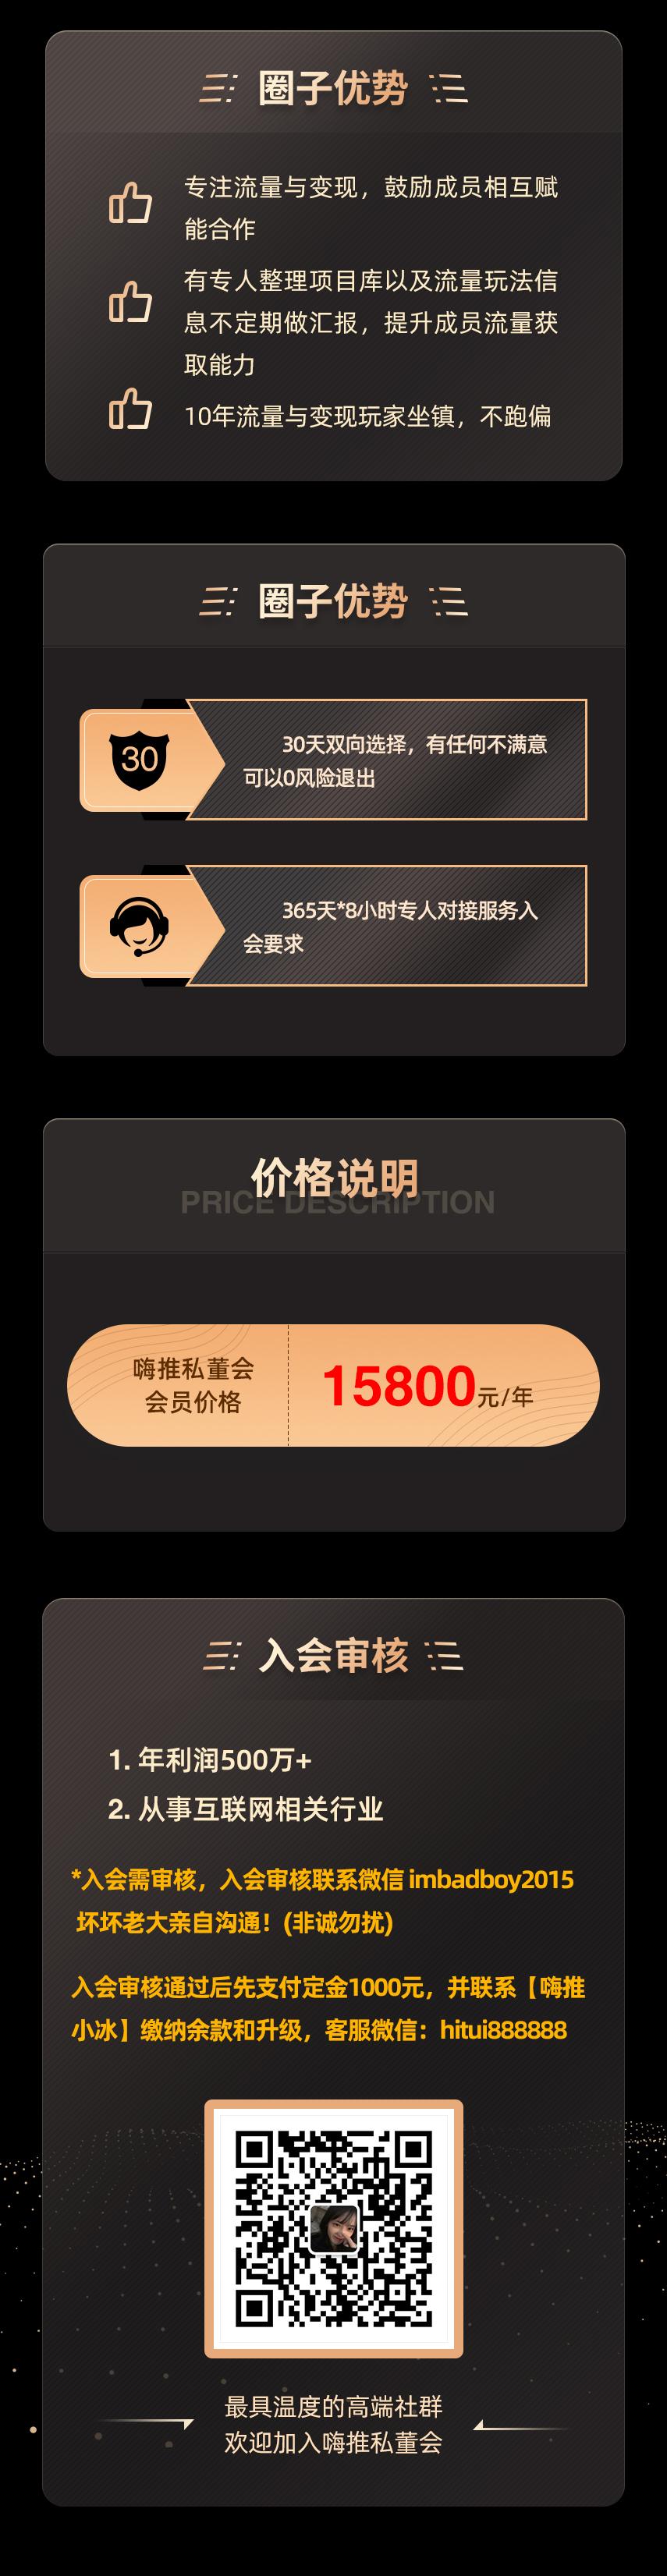 6035f2a147f65.jpg